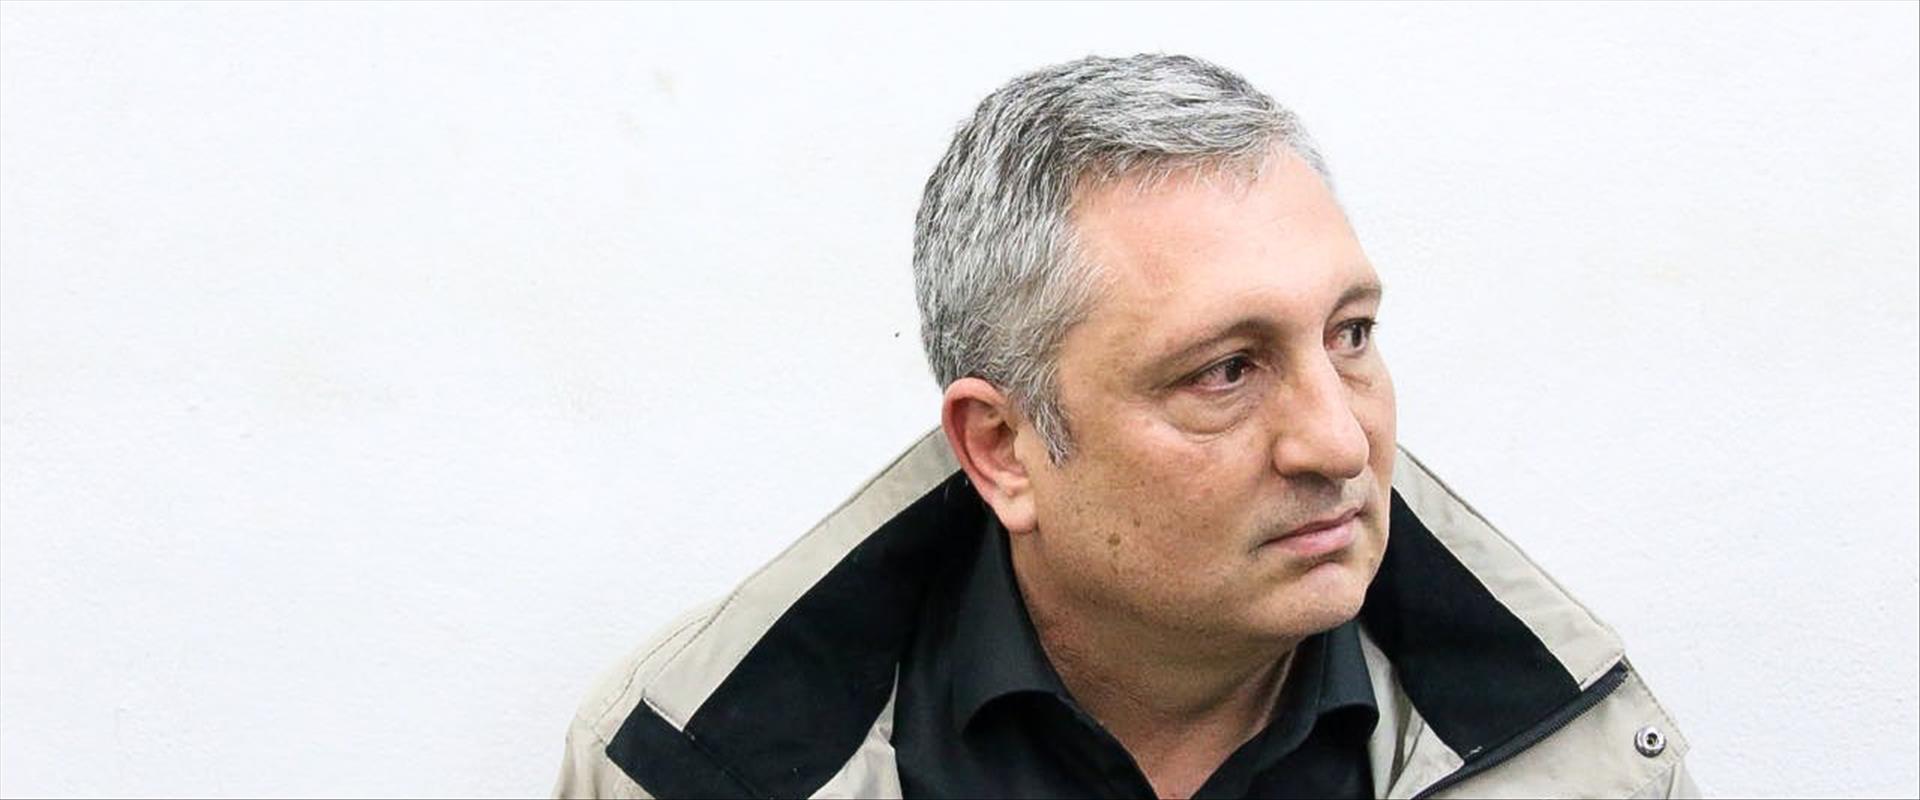 ניר חפץ בדיון להארכת מעצרו בתיק 4000, בית משפט השל